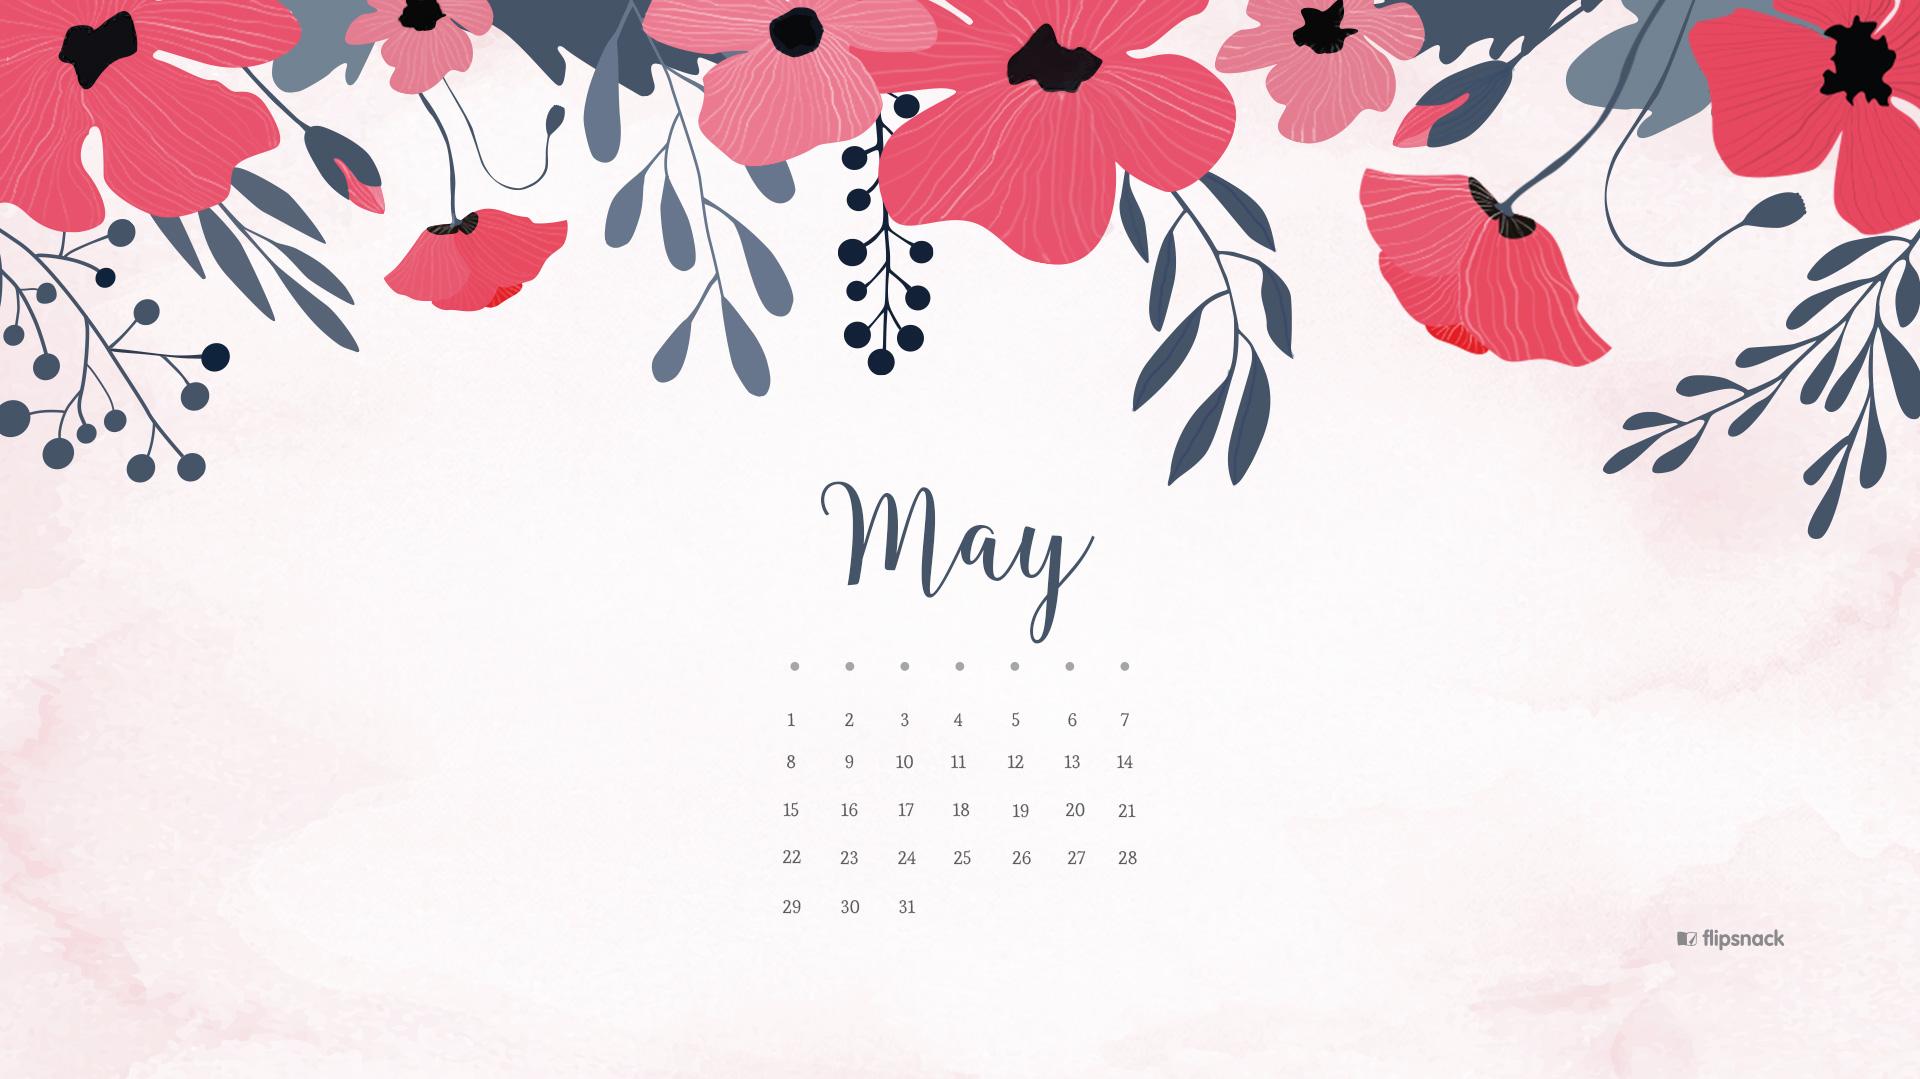 May 2016 calendar wallpaper desktop background 1920x1079